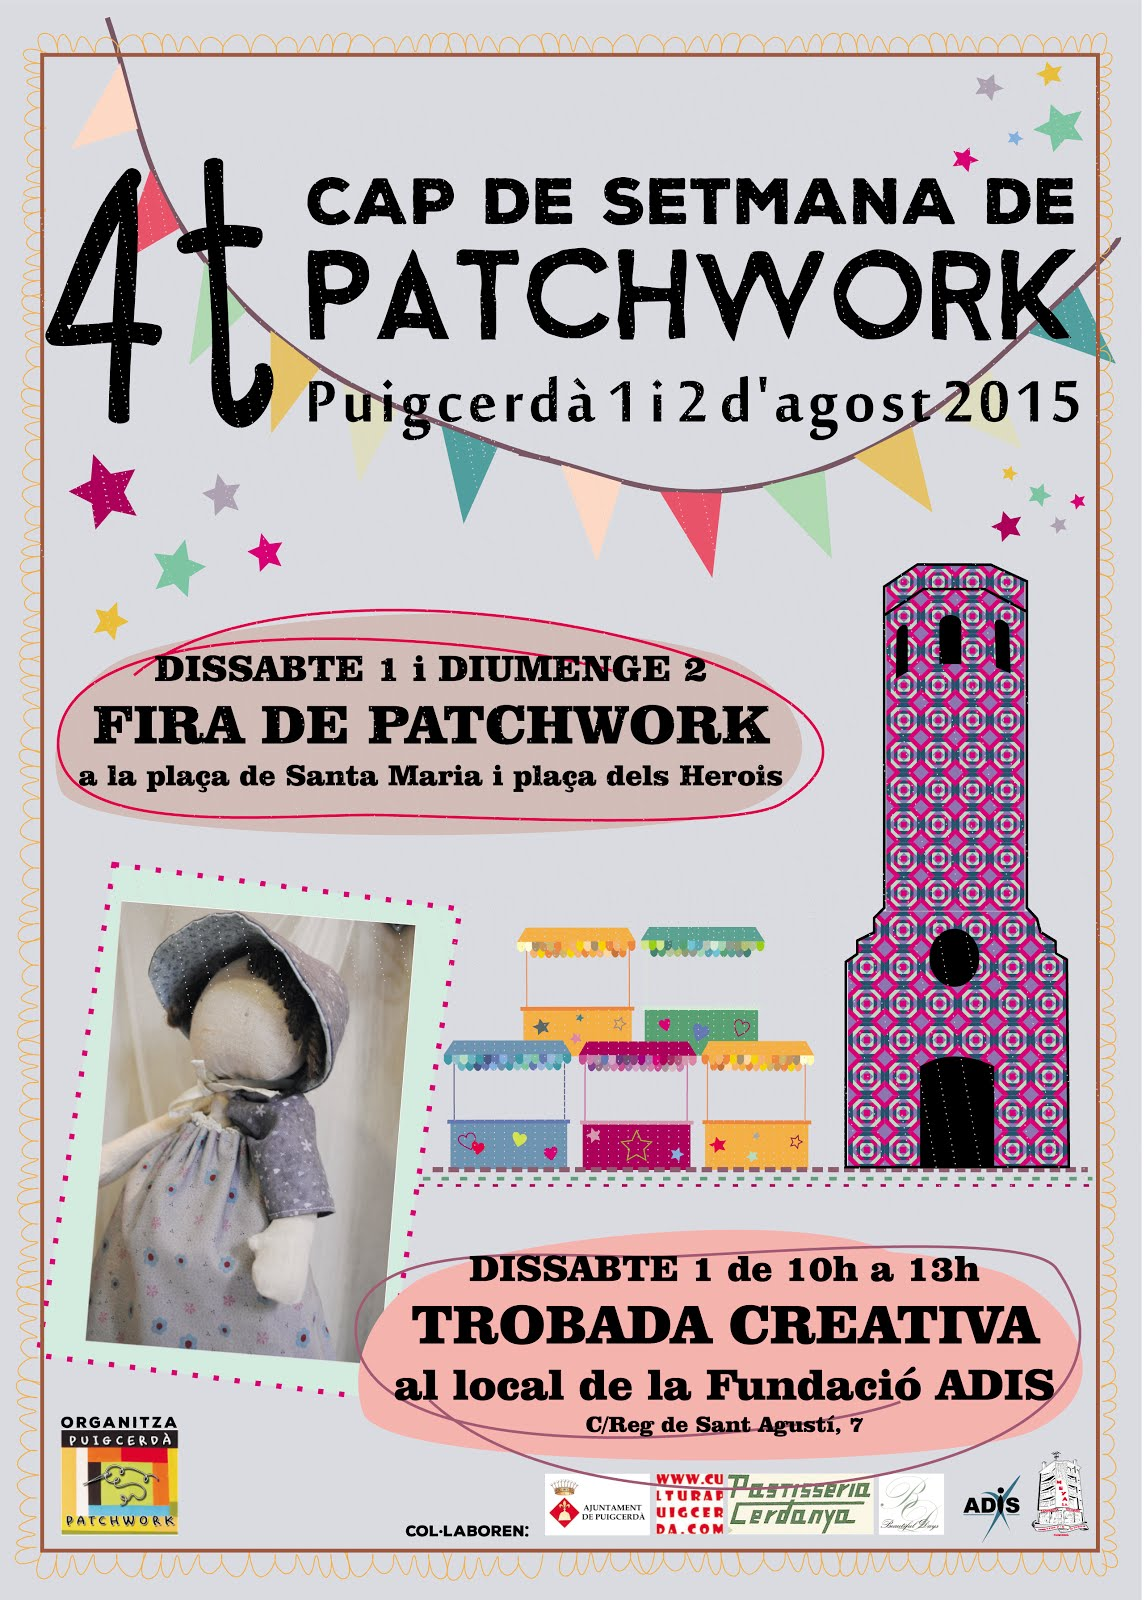 1 y 2 agosto en Puigcerdà